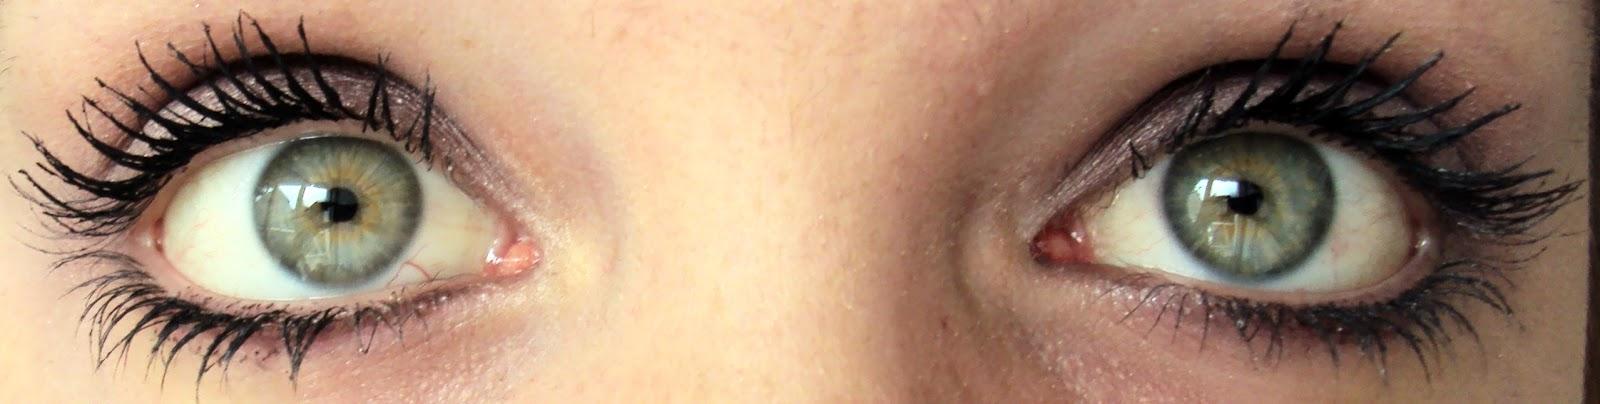 Maquillage n 4 avoir des cils longs volumineux avec - Avoir de long cils ...